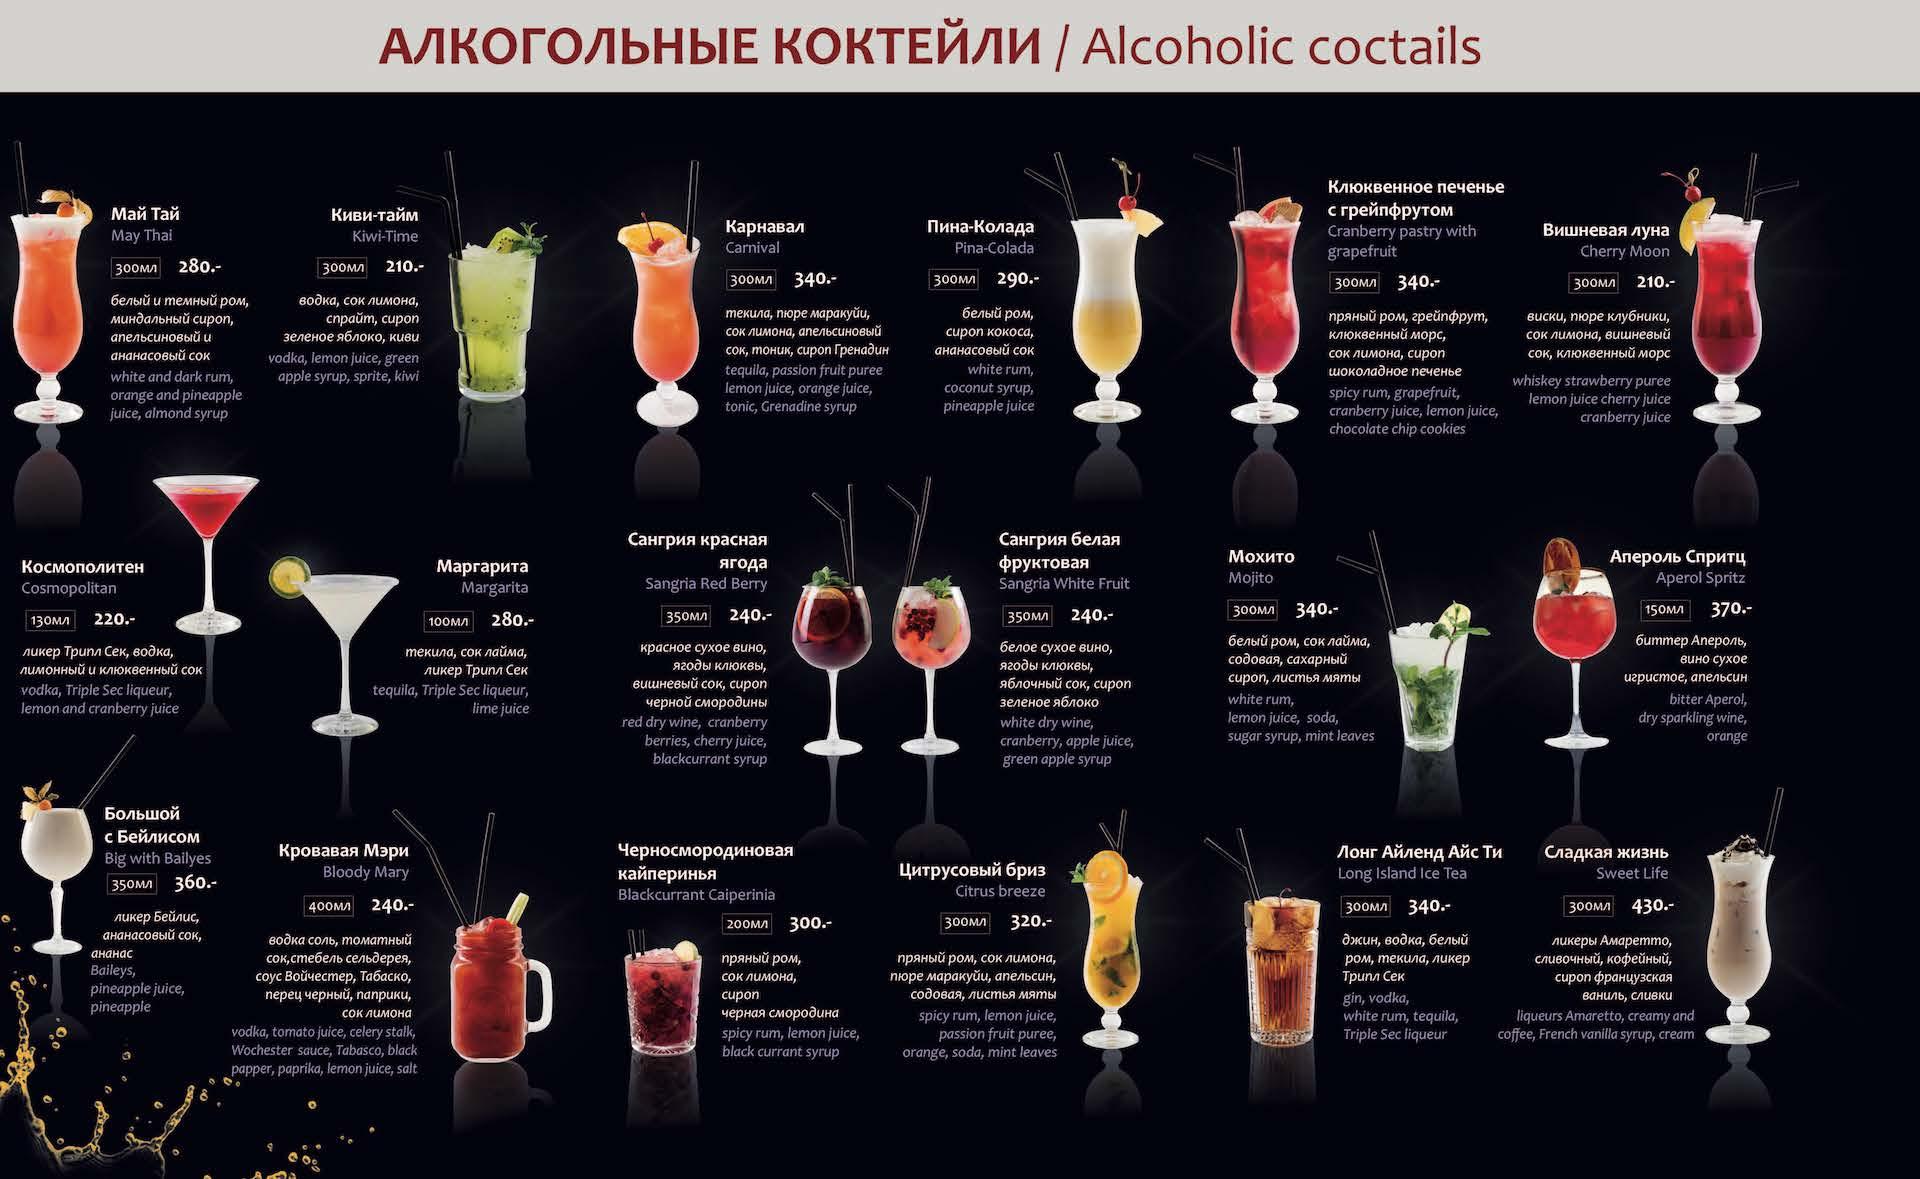 Виды коктейлей: классификация по разным категориям